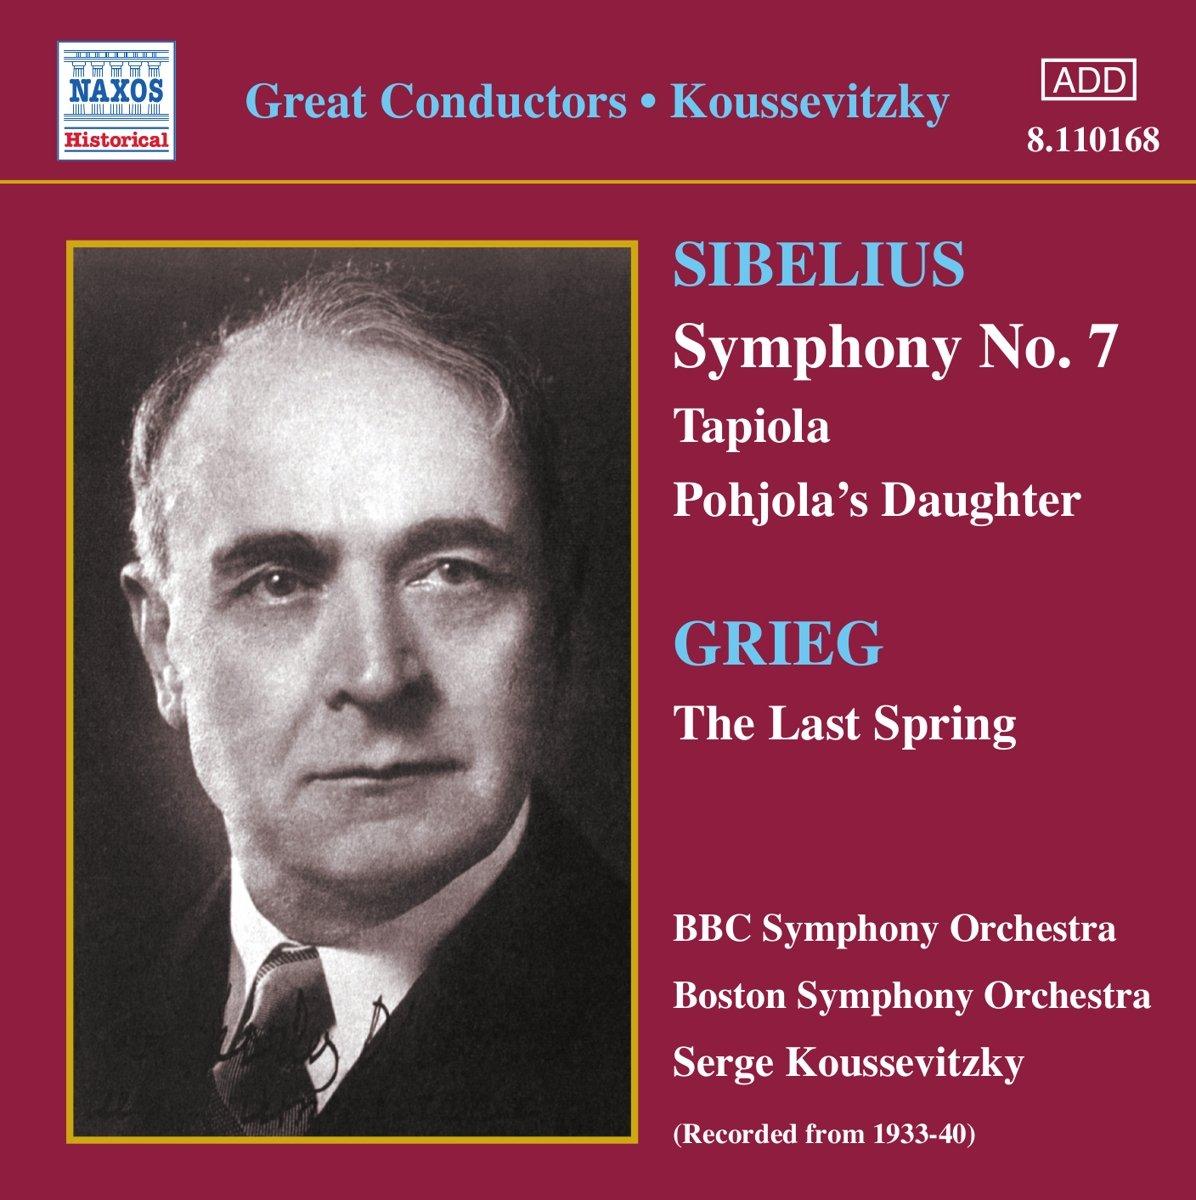 Sibelius, Grieg, Serge Koussevitzky Great Conductors - Koussevitzky Vinyl